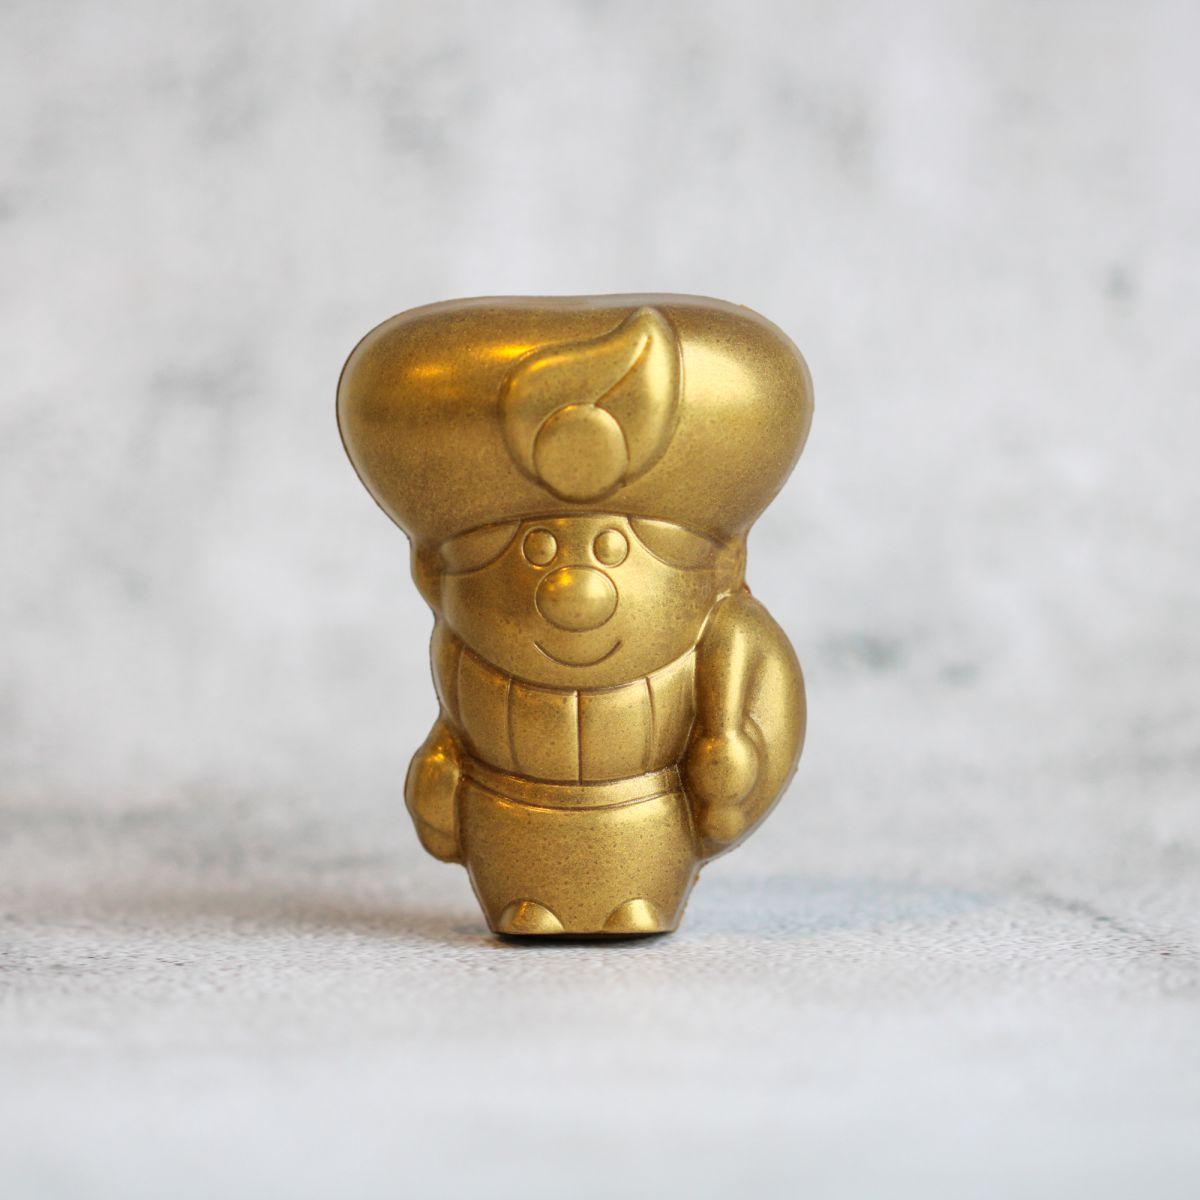 pietje goud massief puur